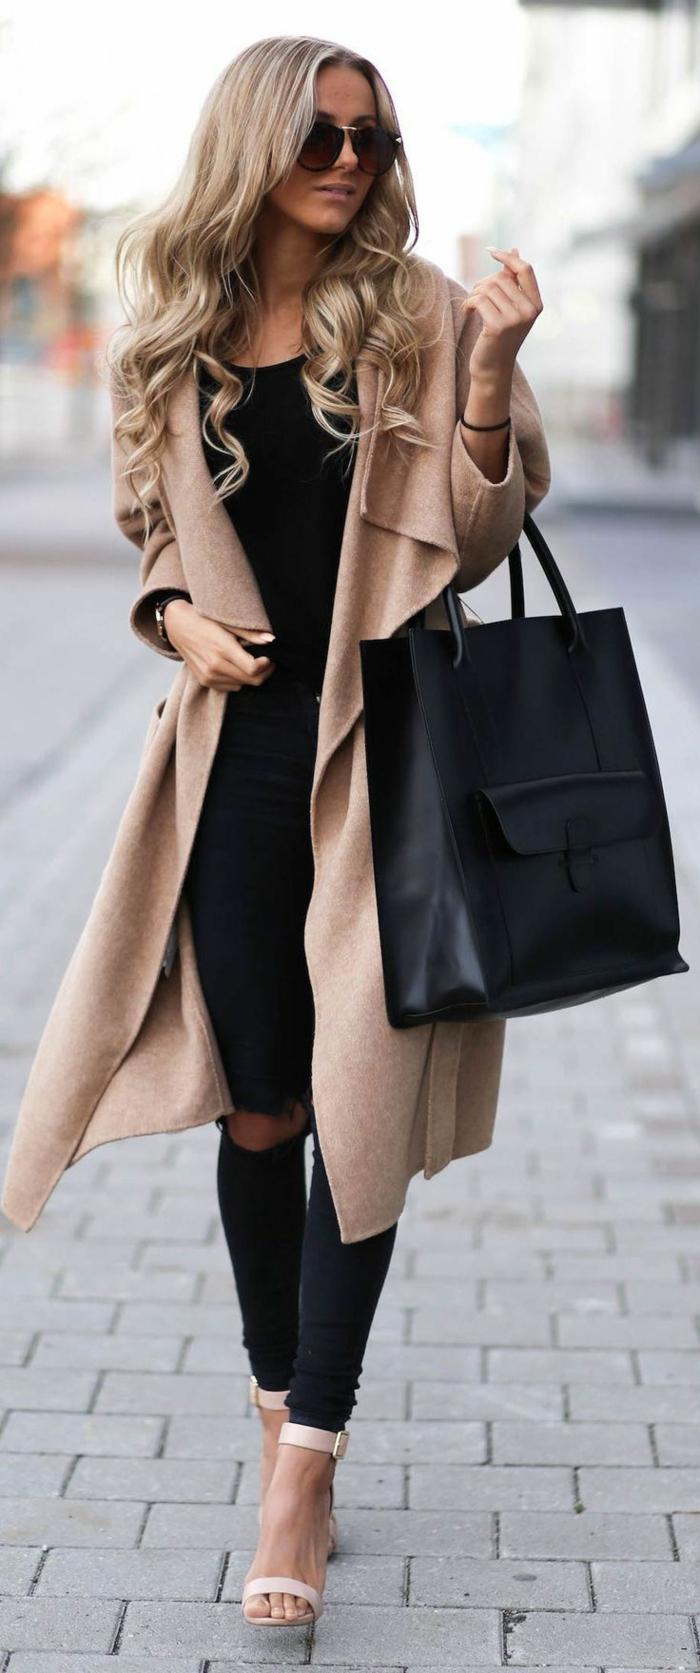 joli-veste-matelassée-femme-pas-cher-beige-pour-les-filles-blondes-sac-a-main-noir